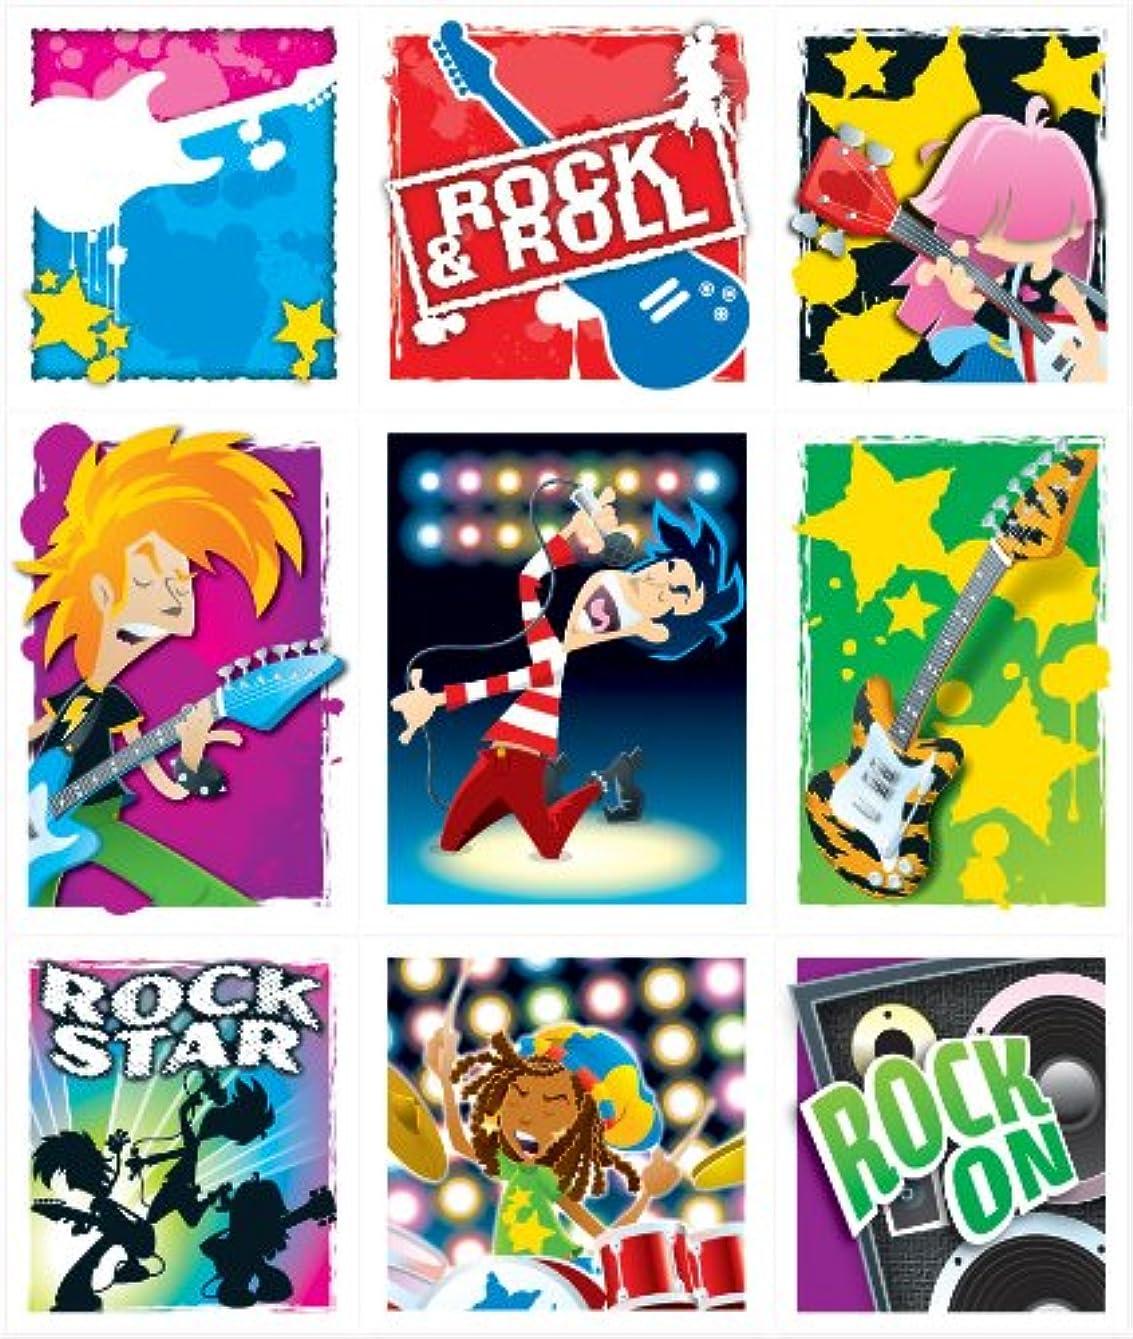 闇曲げる免除Rock Stars